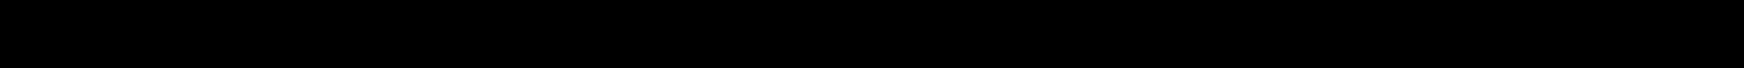 NeutraText-LightAlt.otf